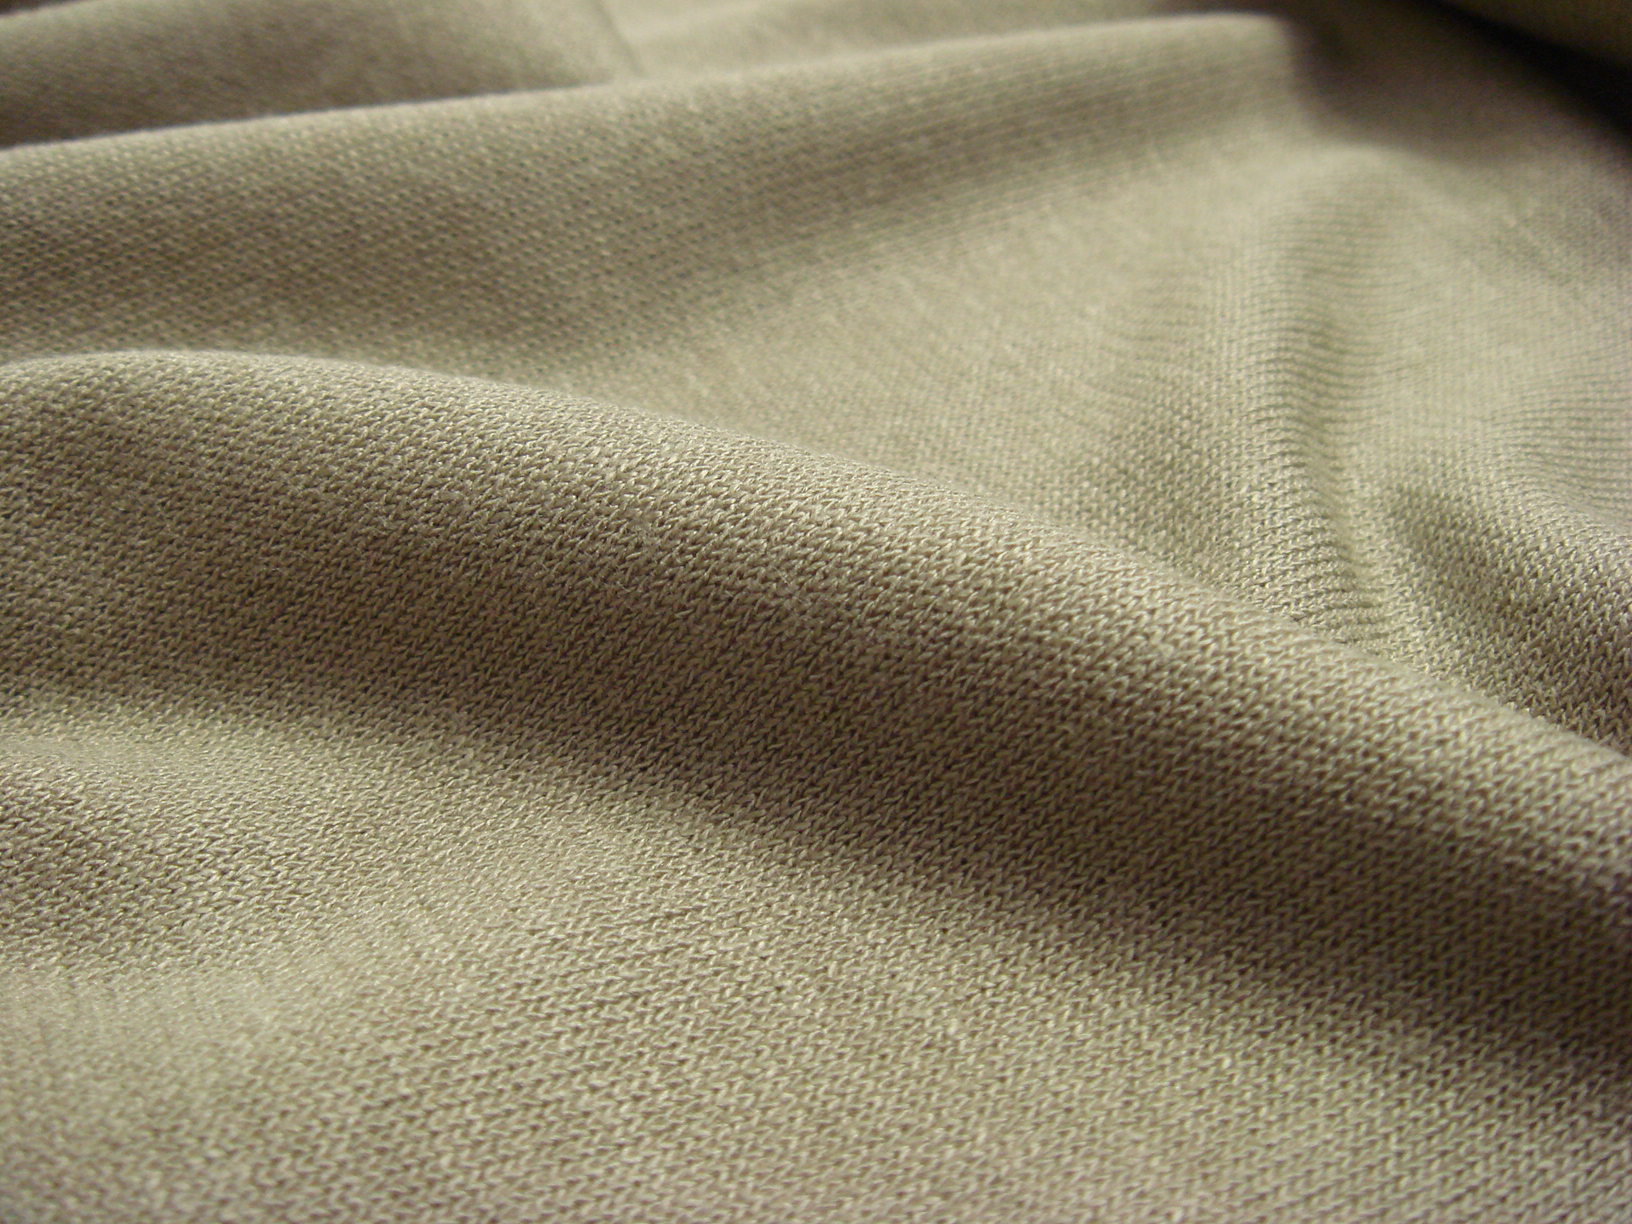 60cf3b861c4 Jersey (fabric) - Wikipedia